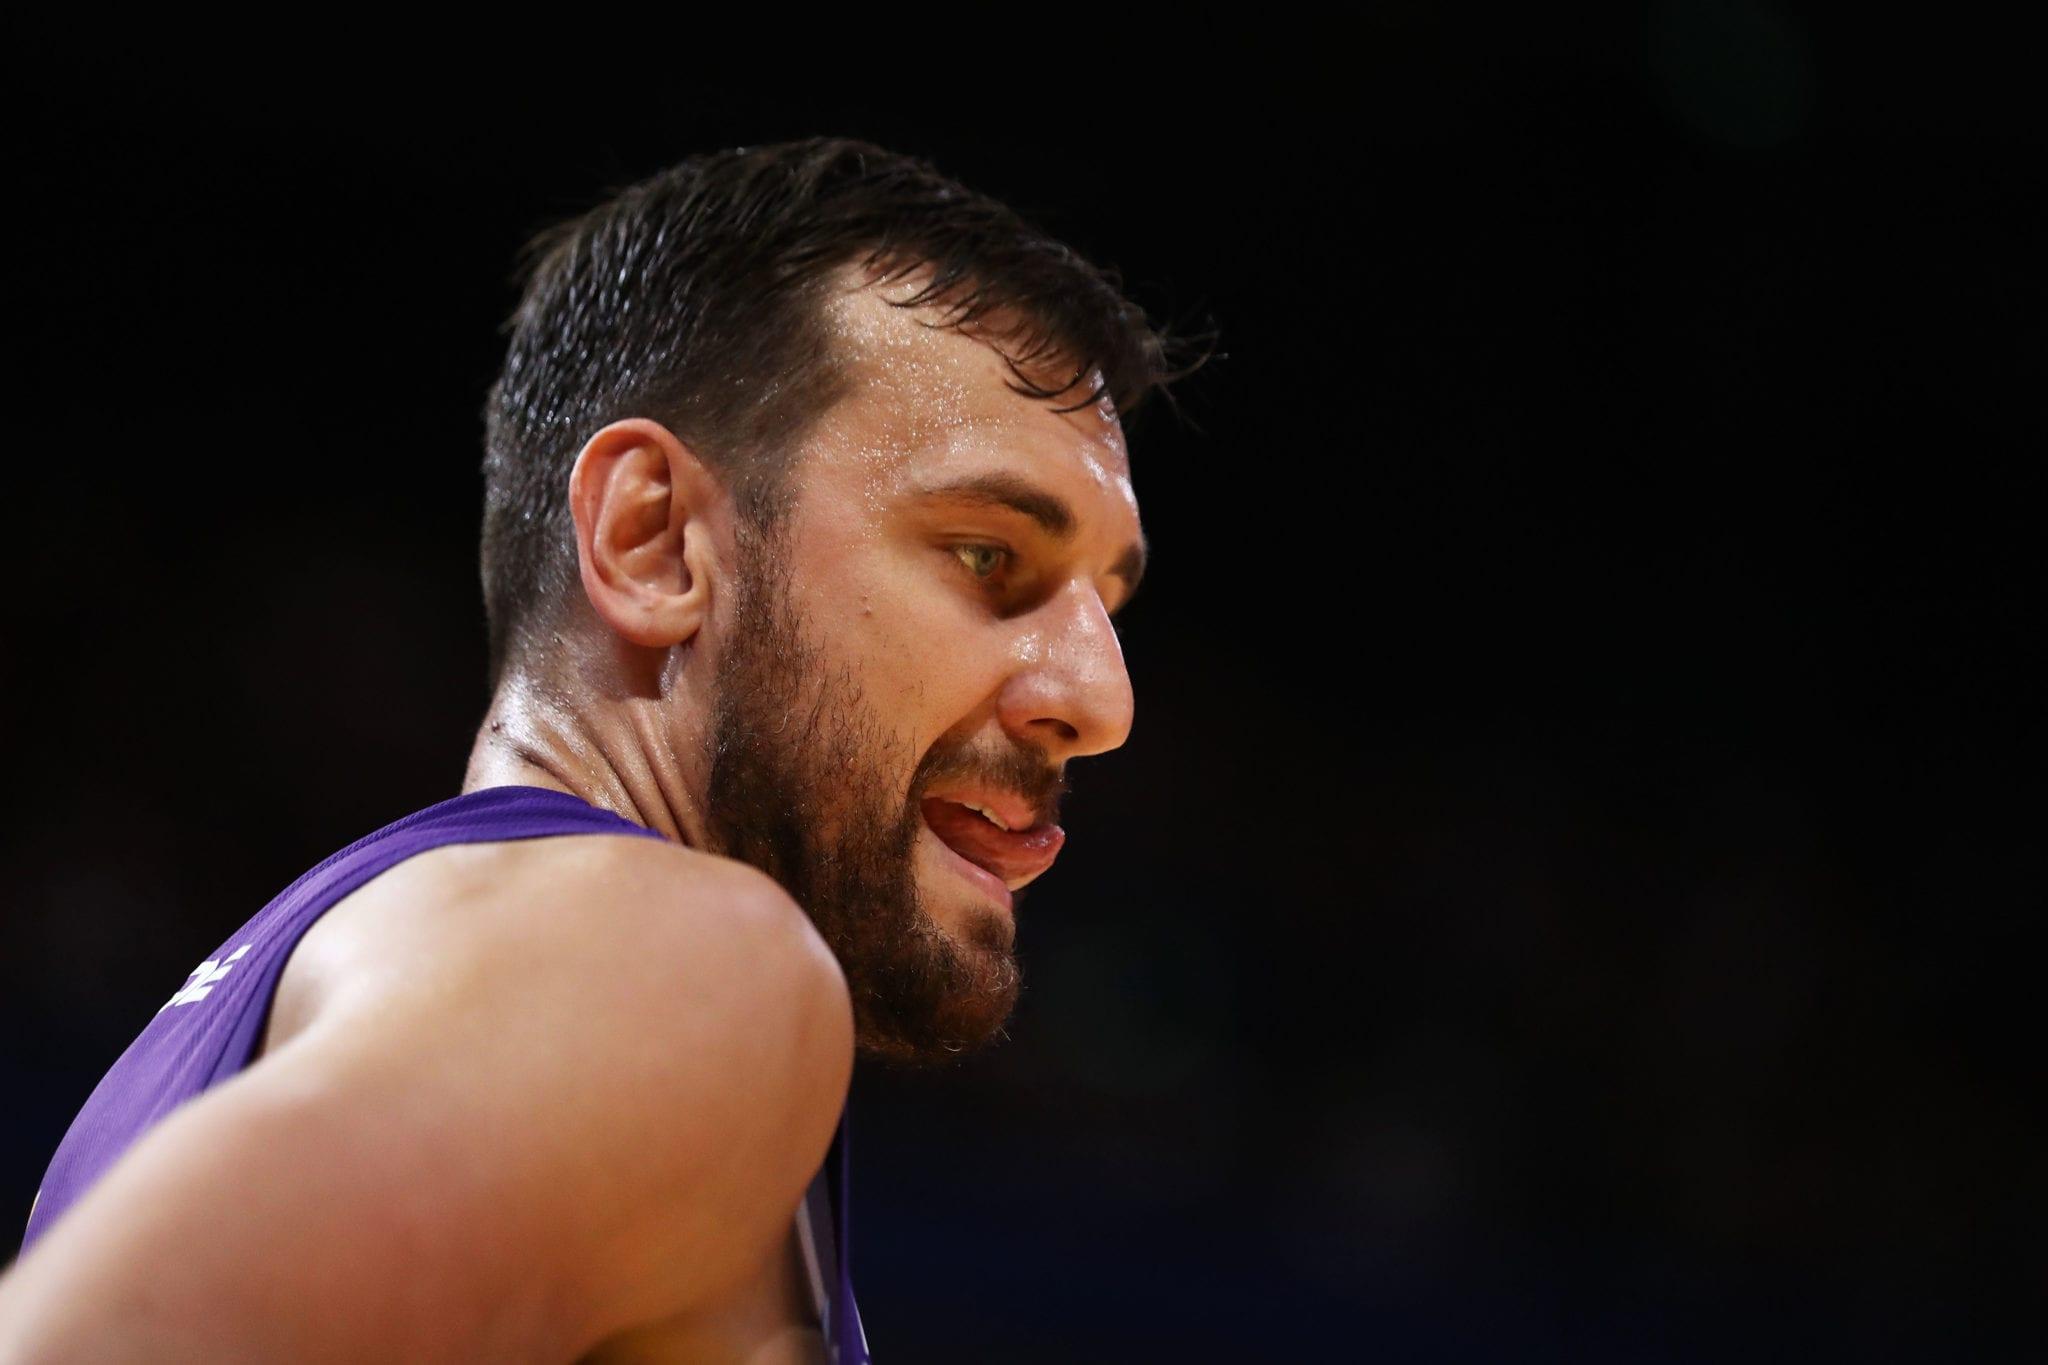 Andrew Bogut Taking Break from Basketball During Coronavirus Pandemic